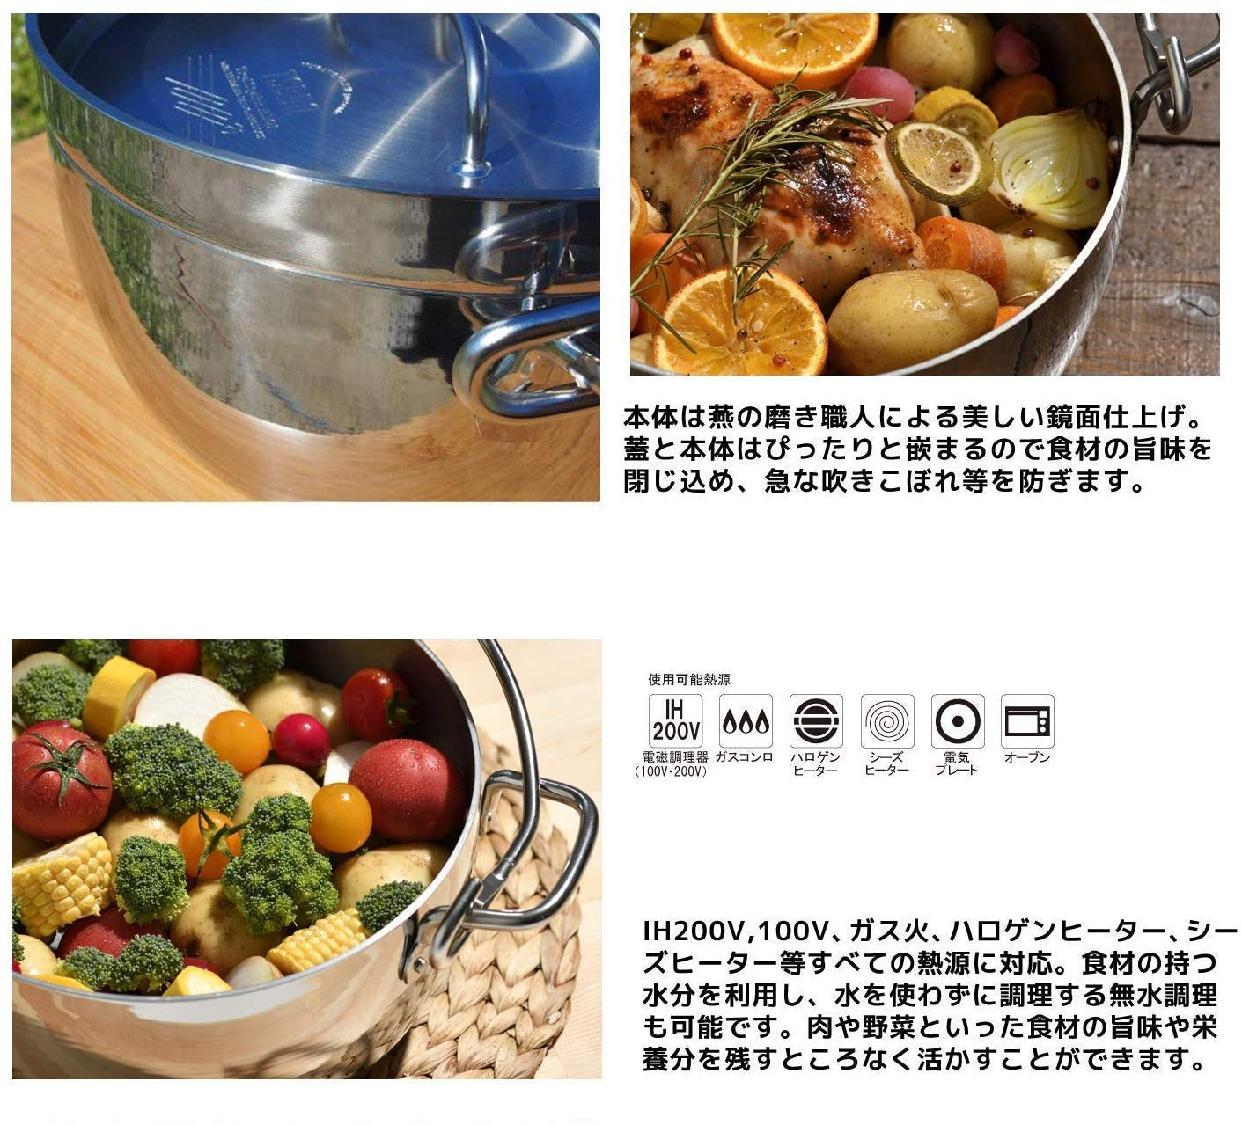 TSBBQ(ツバメサンギョウバーベキュー)ライトステンレス ダッチオーブン10 ステンレスTSBBQ-005の商品画像4